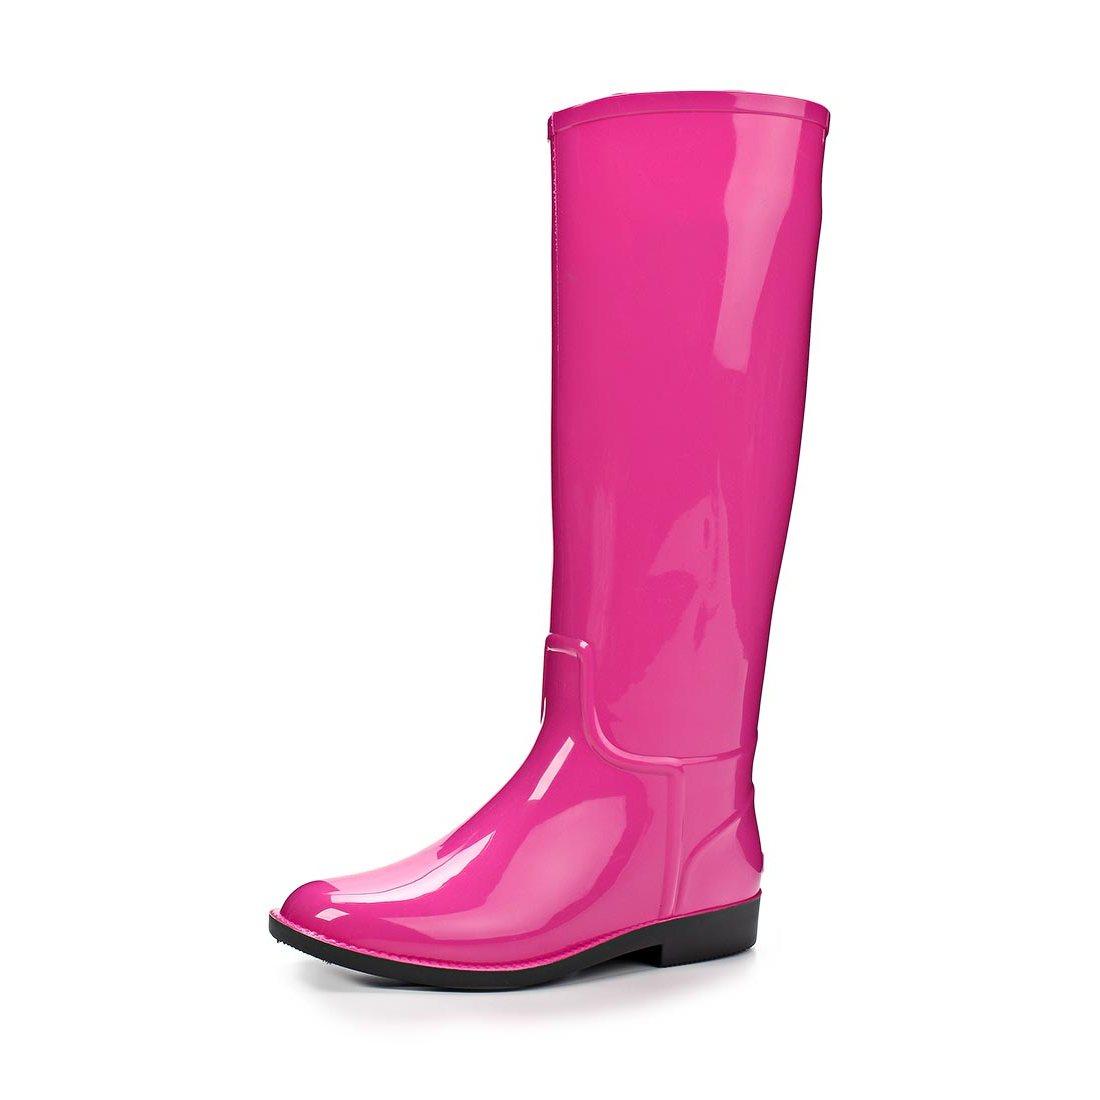 Женские сапоги из ПВХ, цвет розовый